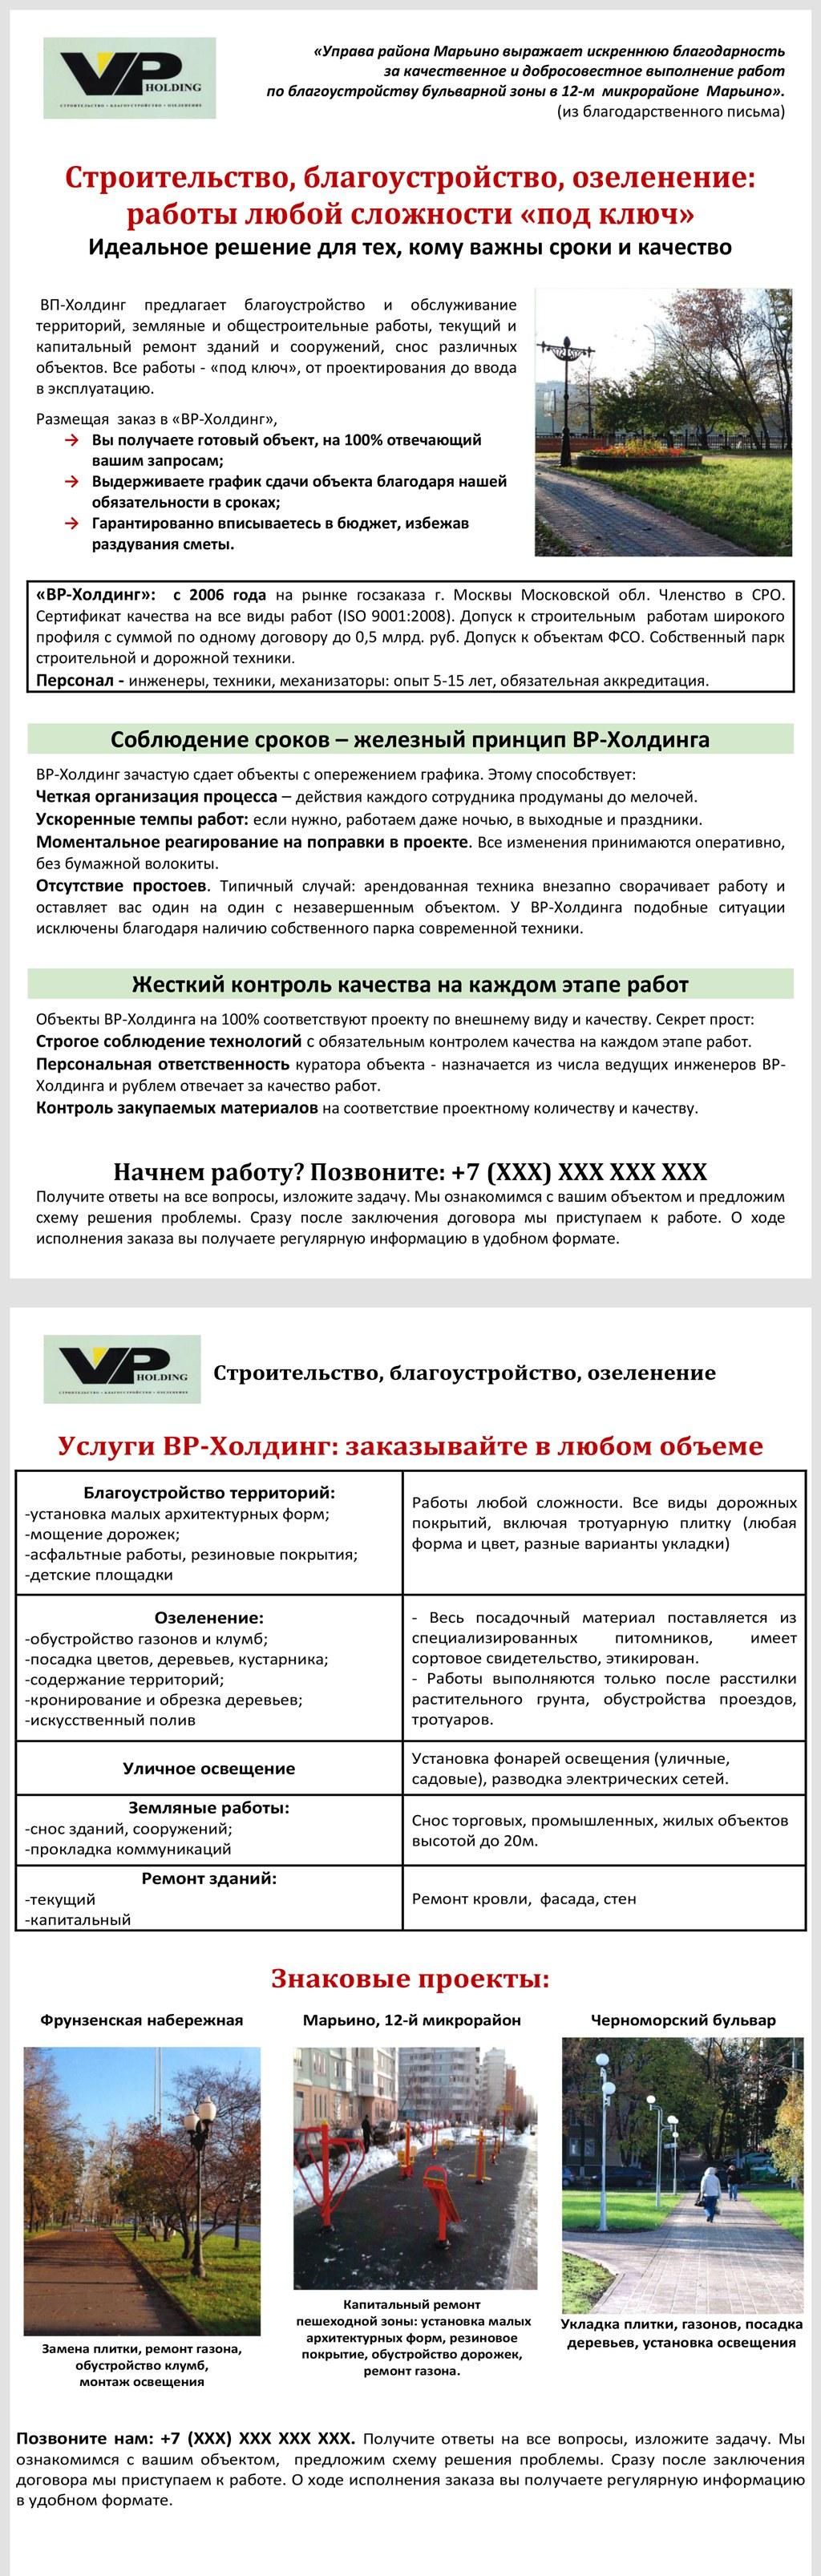 Купить больничный лист за 500 рублей в Москве Марьино